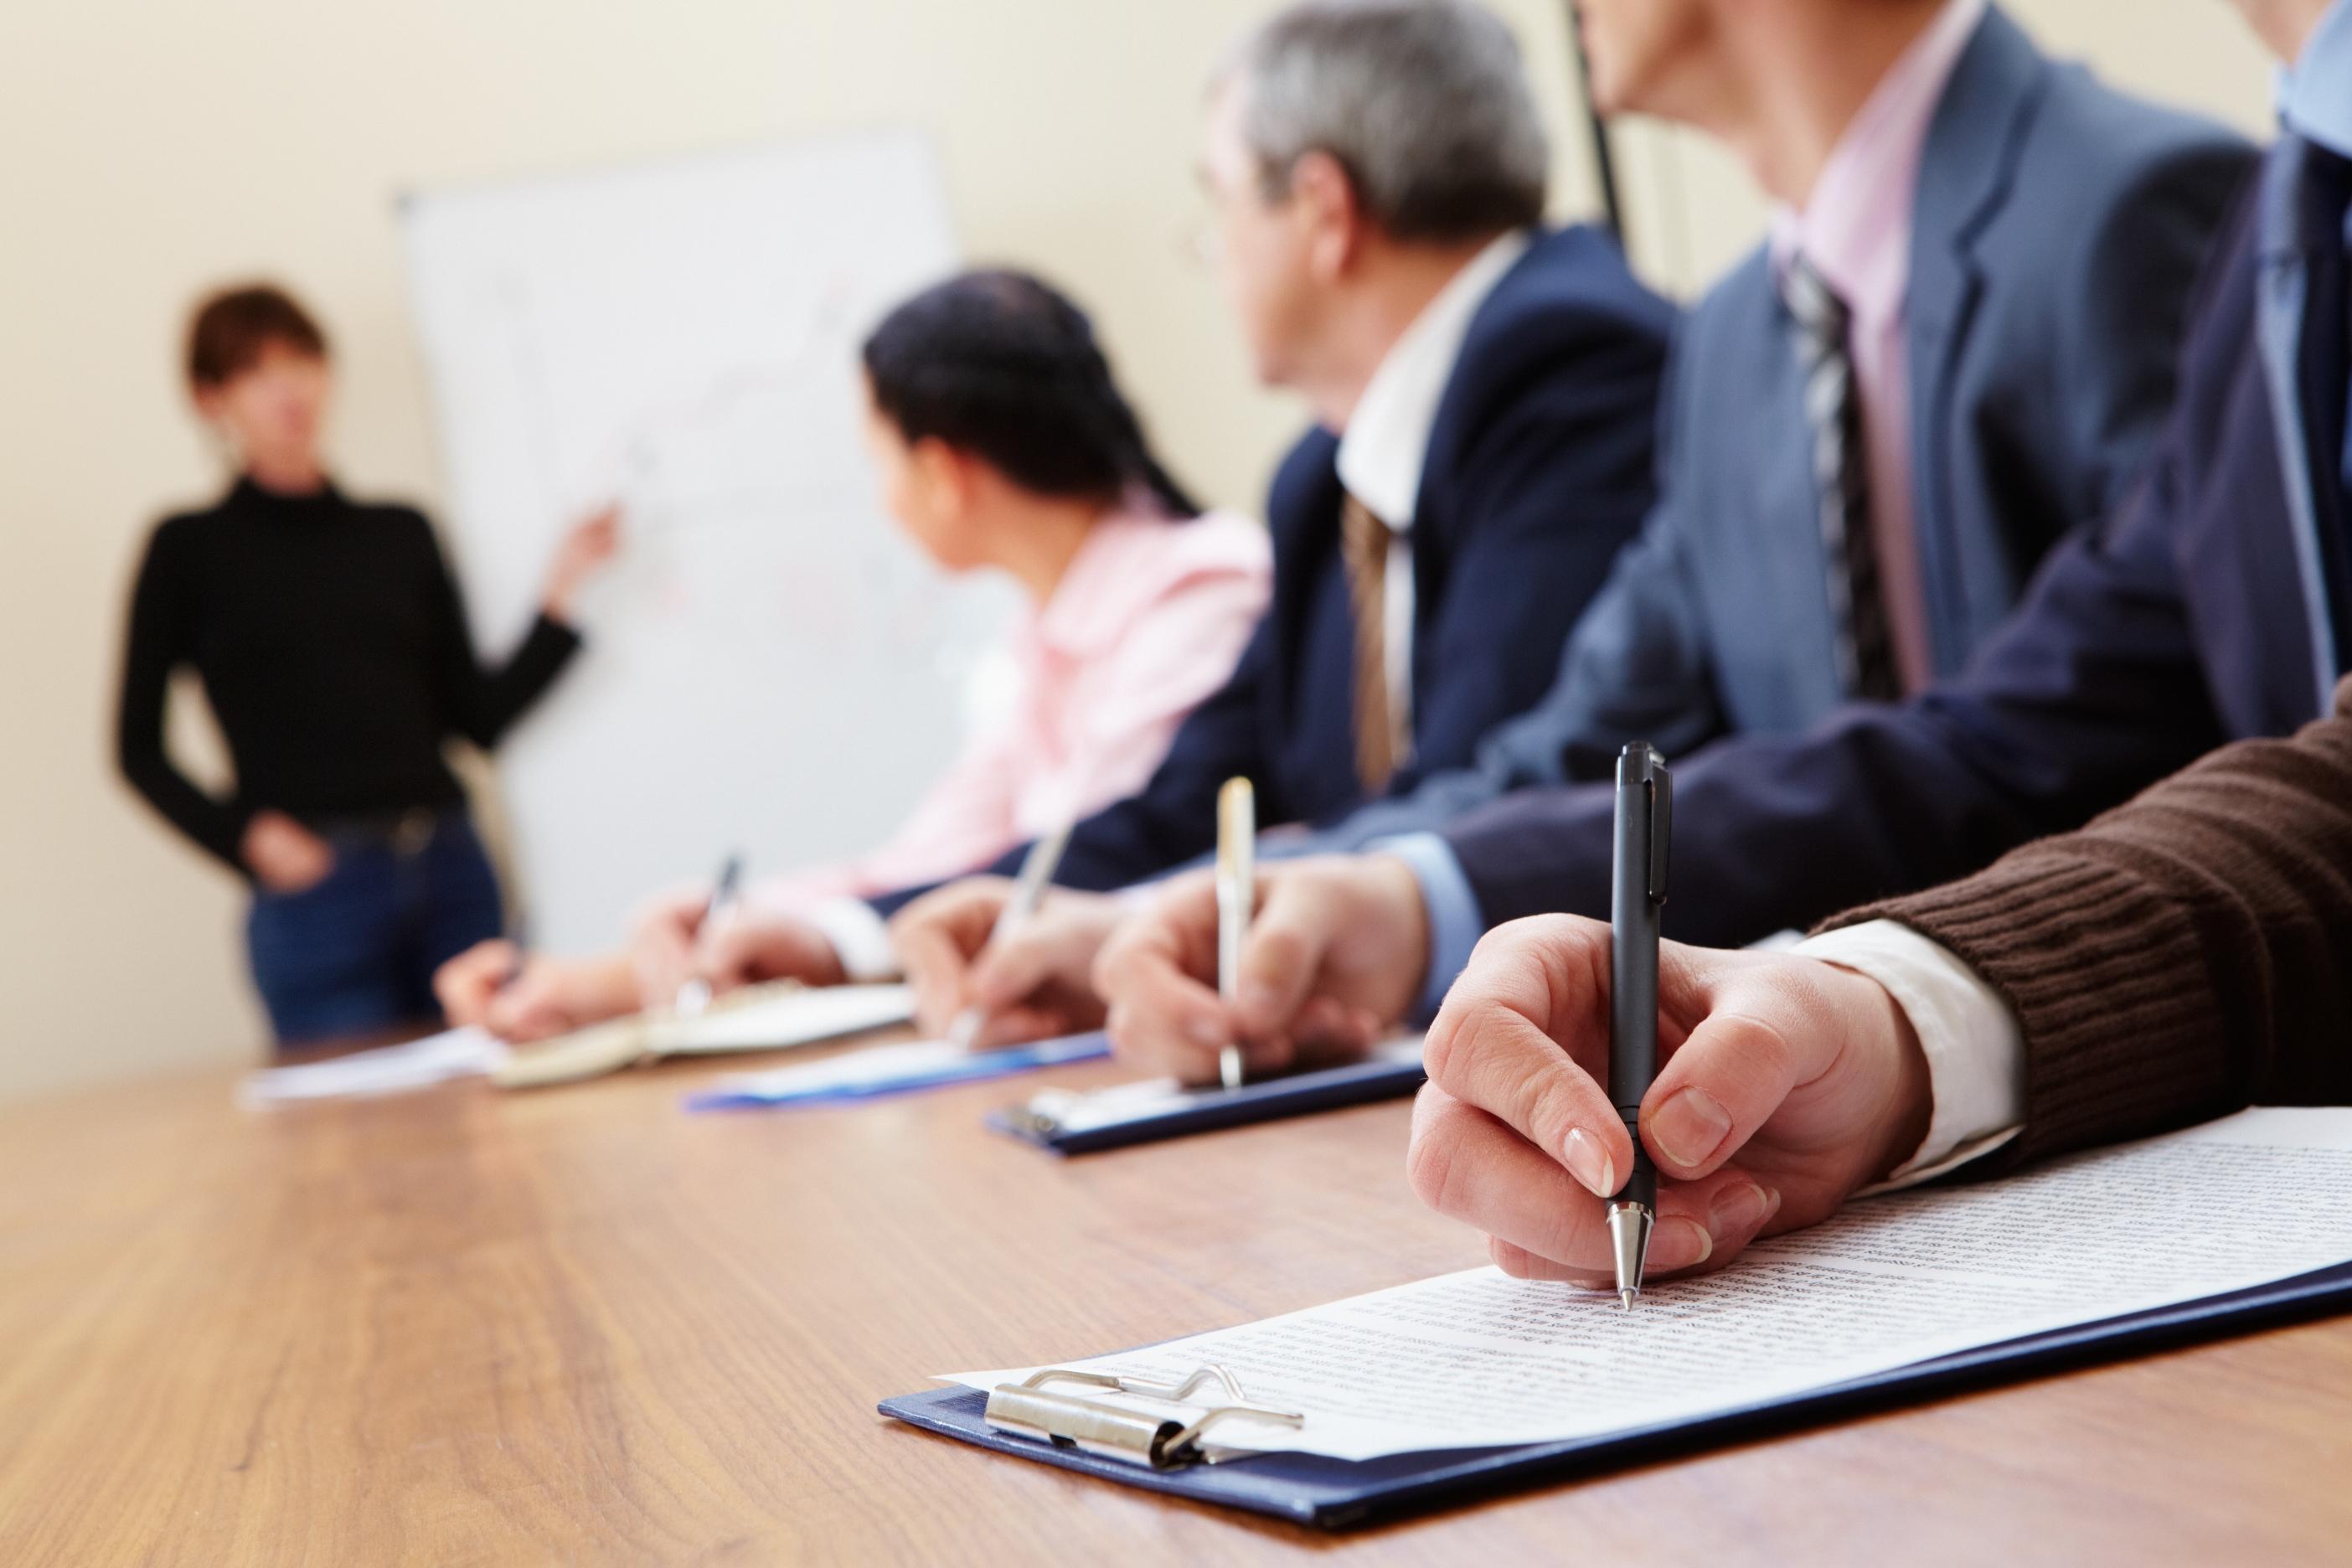 Продуманная и эффективная система обучения и наставничества для новичков: мы берем кандидатов без опыта работы и обучаем с нуля